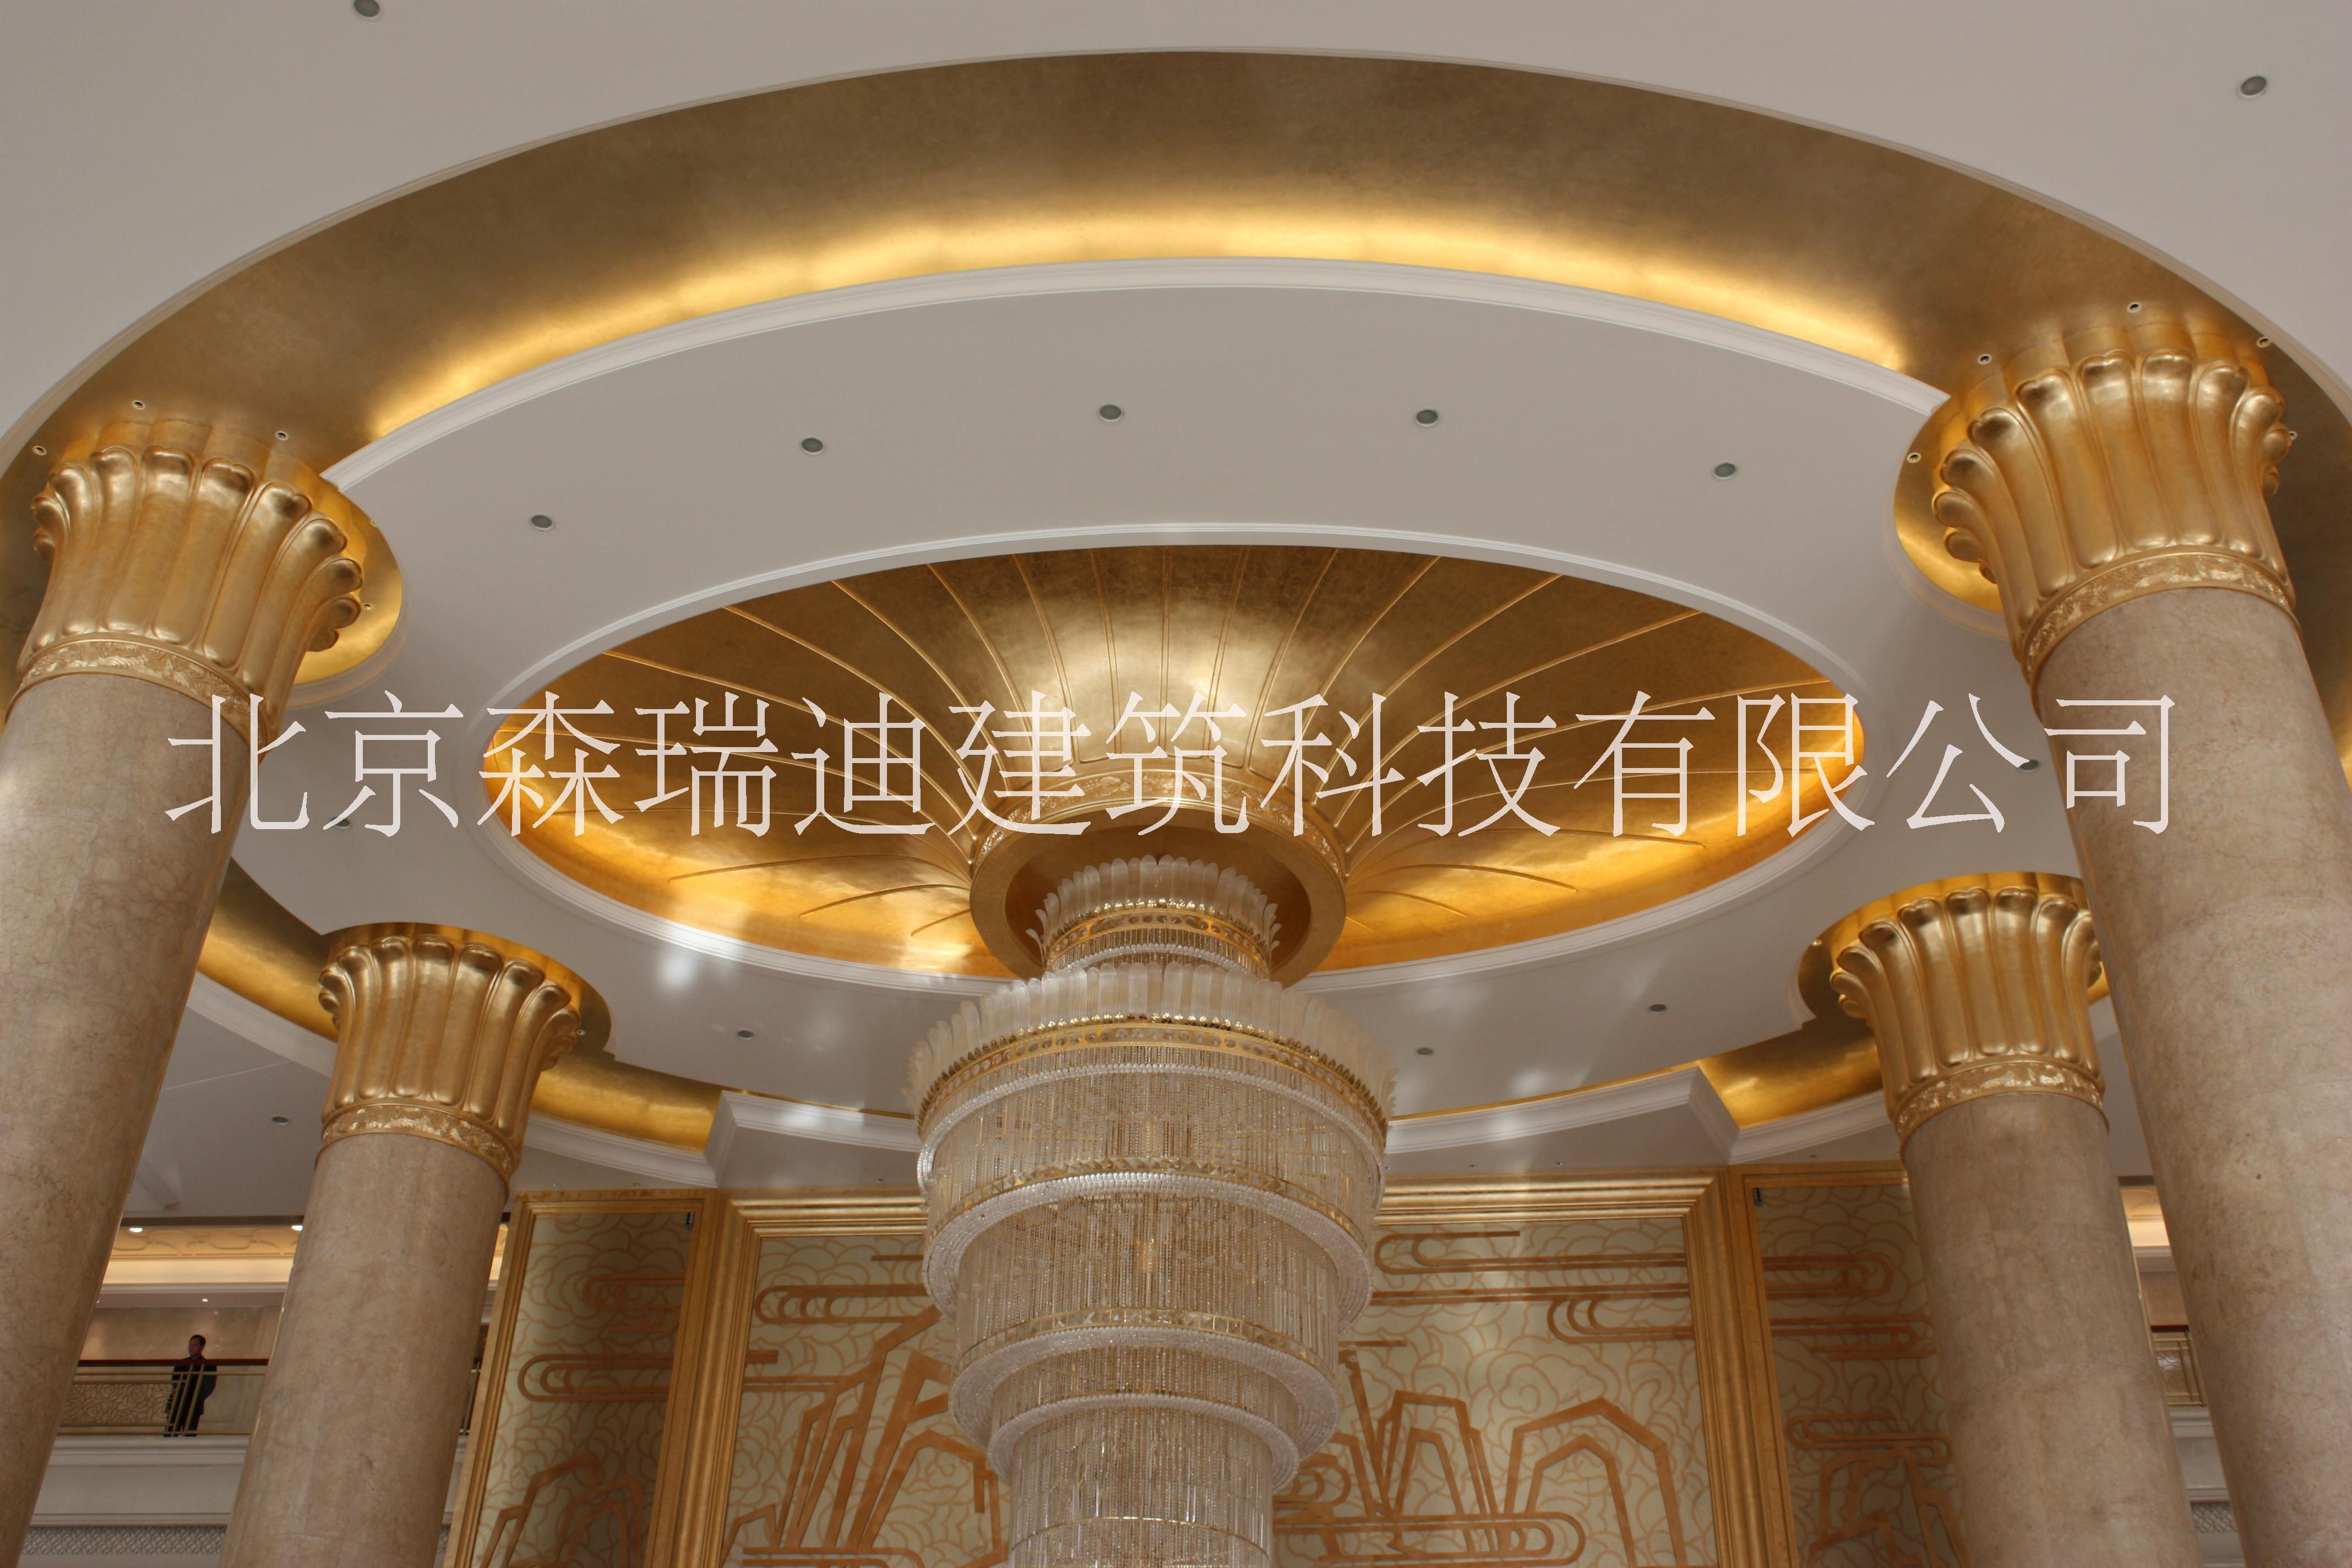 北京森瑞迪GRG双曲面天花